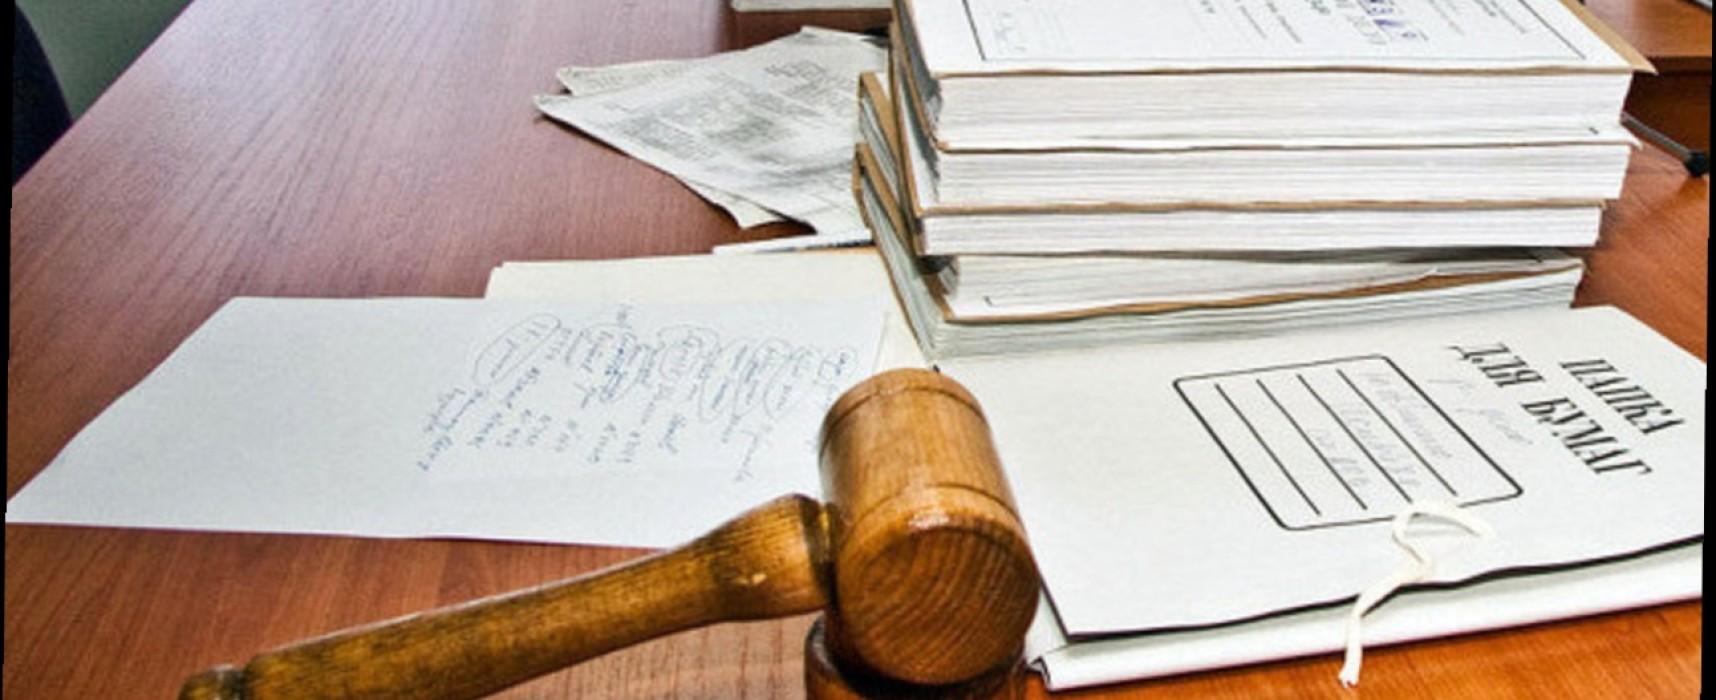 Как можно обжаловать действия трудового инспектора через прокуратуру